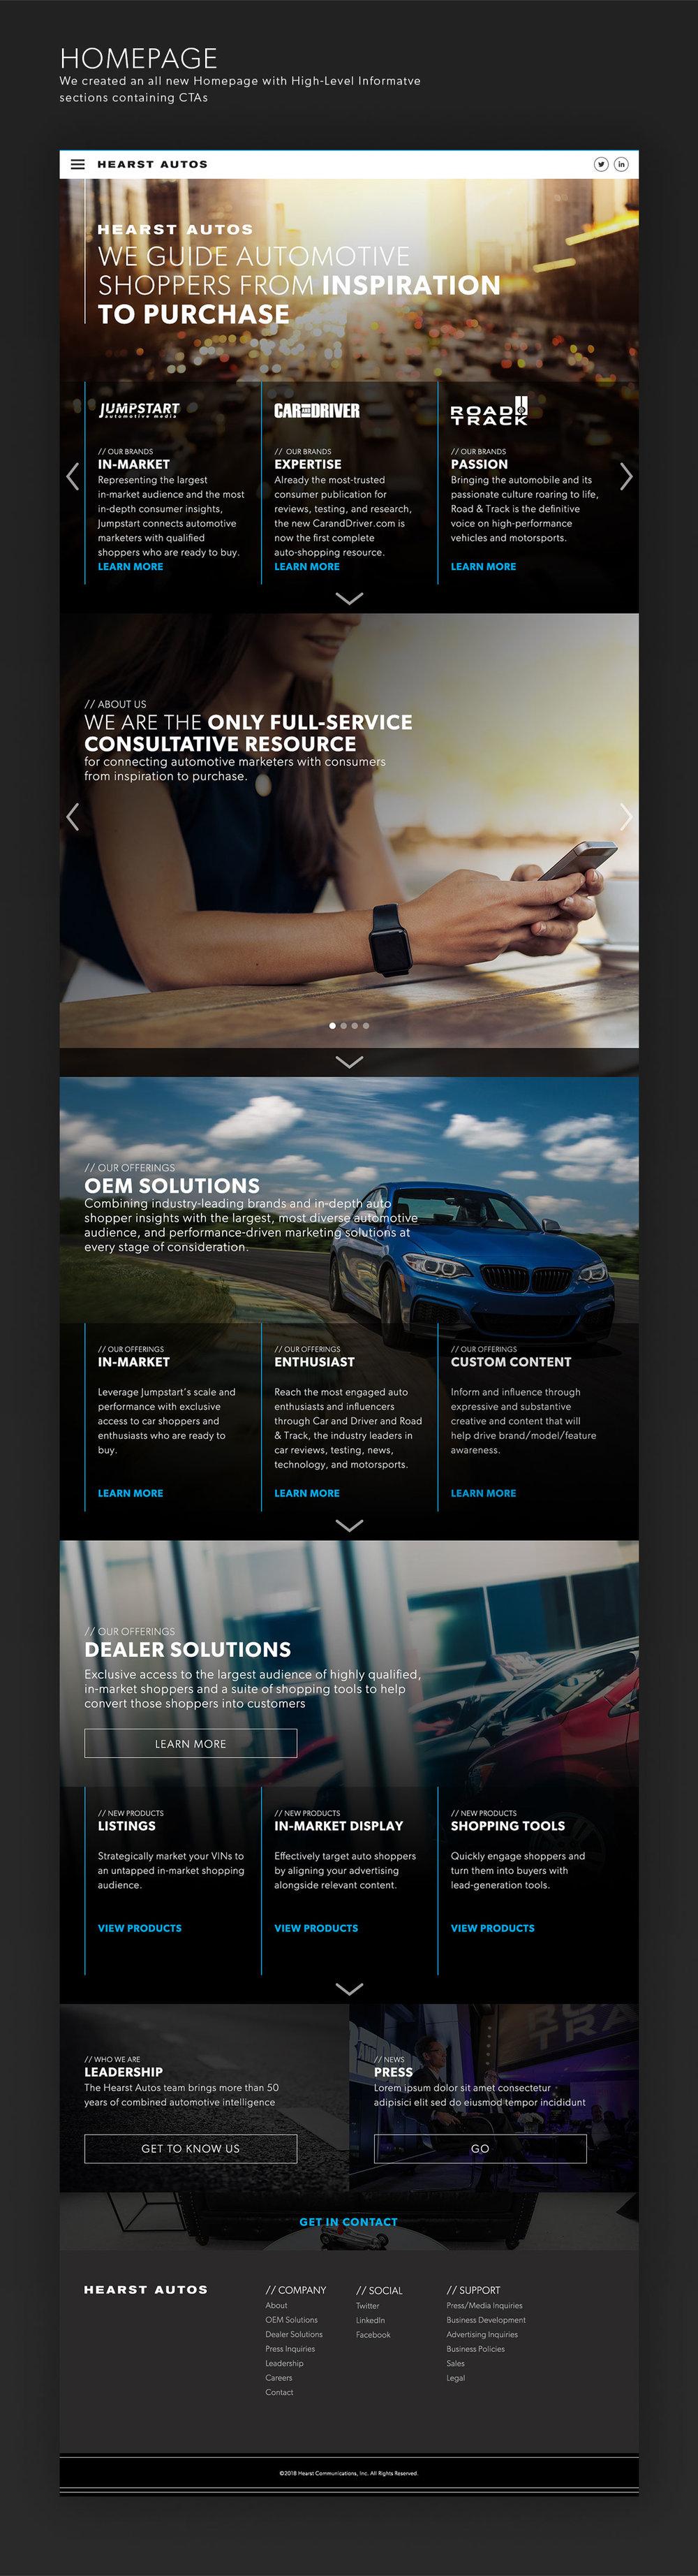 ha-VisDes-homepage.jpg